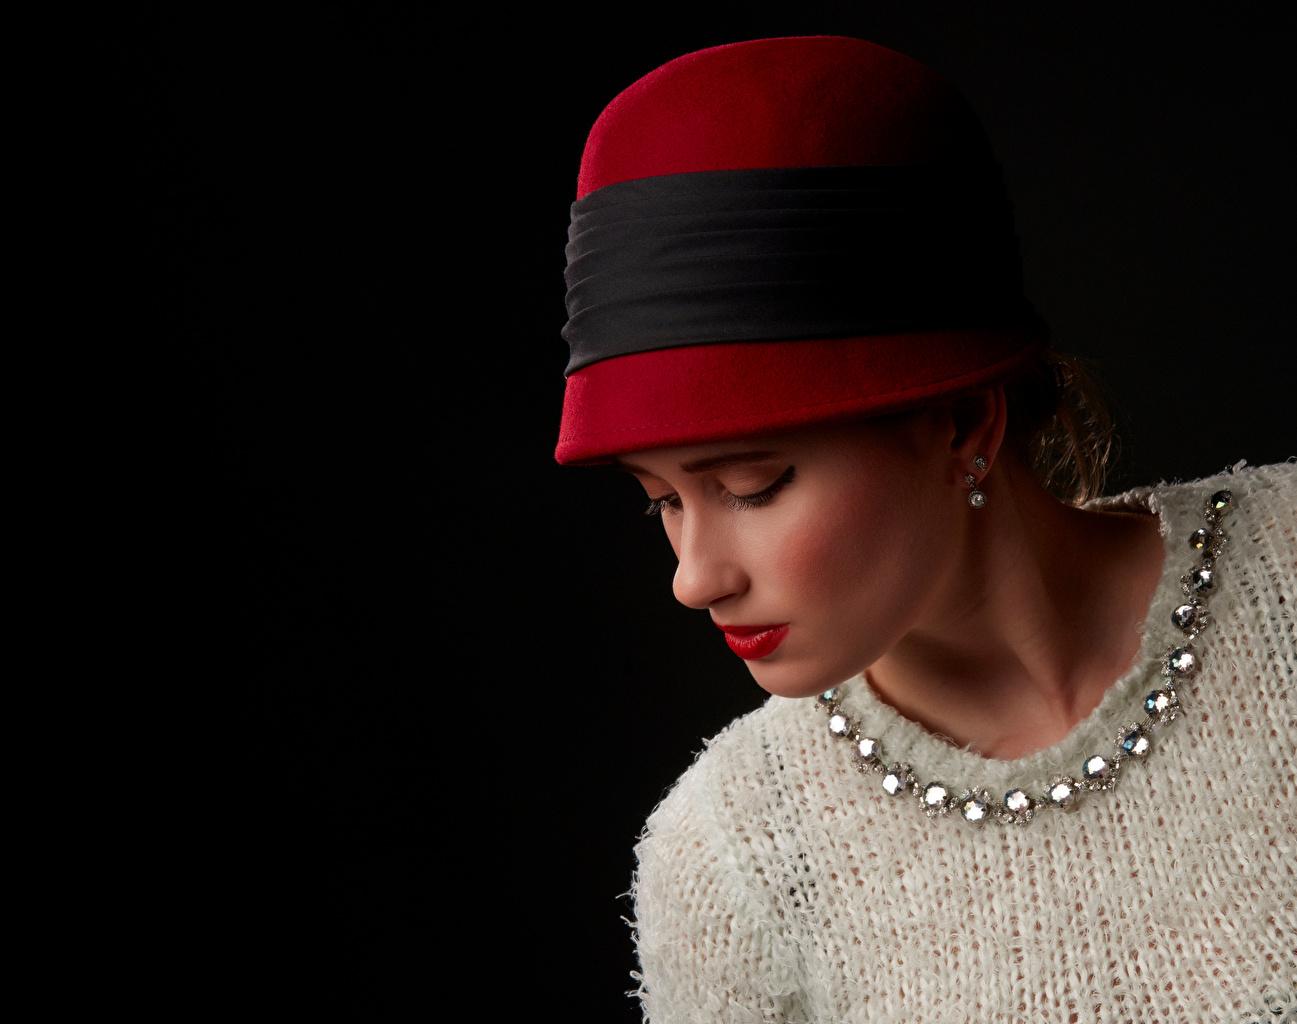 Fotos Der Hut junge Frauen Sweatshirt Rote Lippen Schwarzer Hintergrund Mädchens junge frau